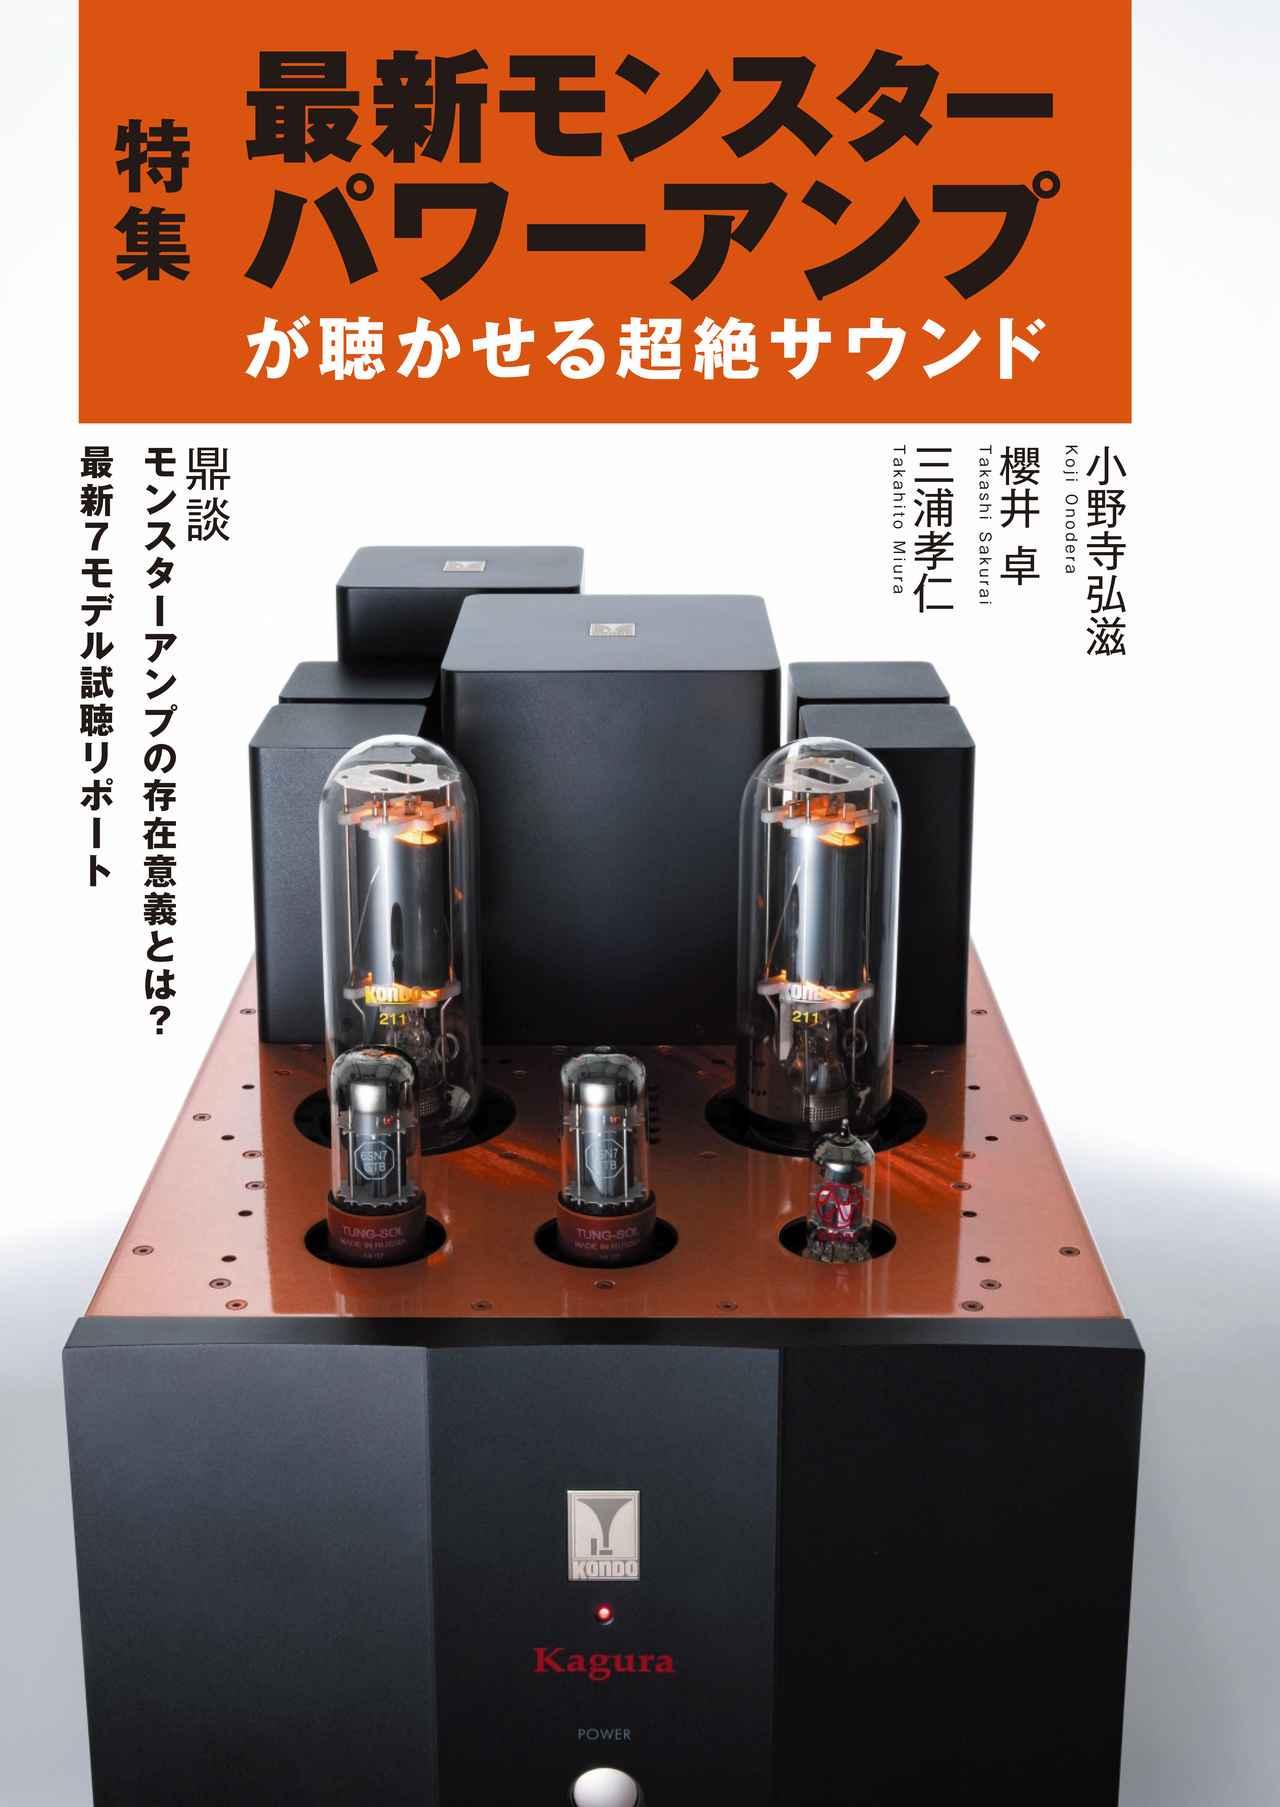 画像1: 『ステレオサウンド』No.220は9月2日発売! 巻頭エッセイ「だからオーディオはやめられない」、特集「モンスターパワーアンプ」